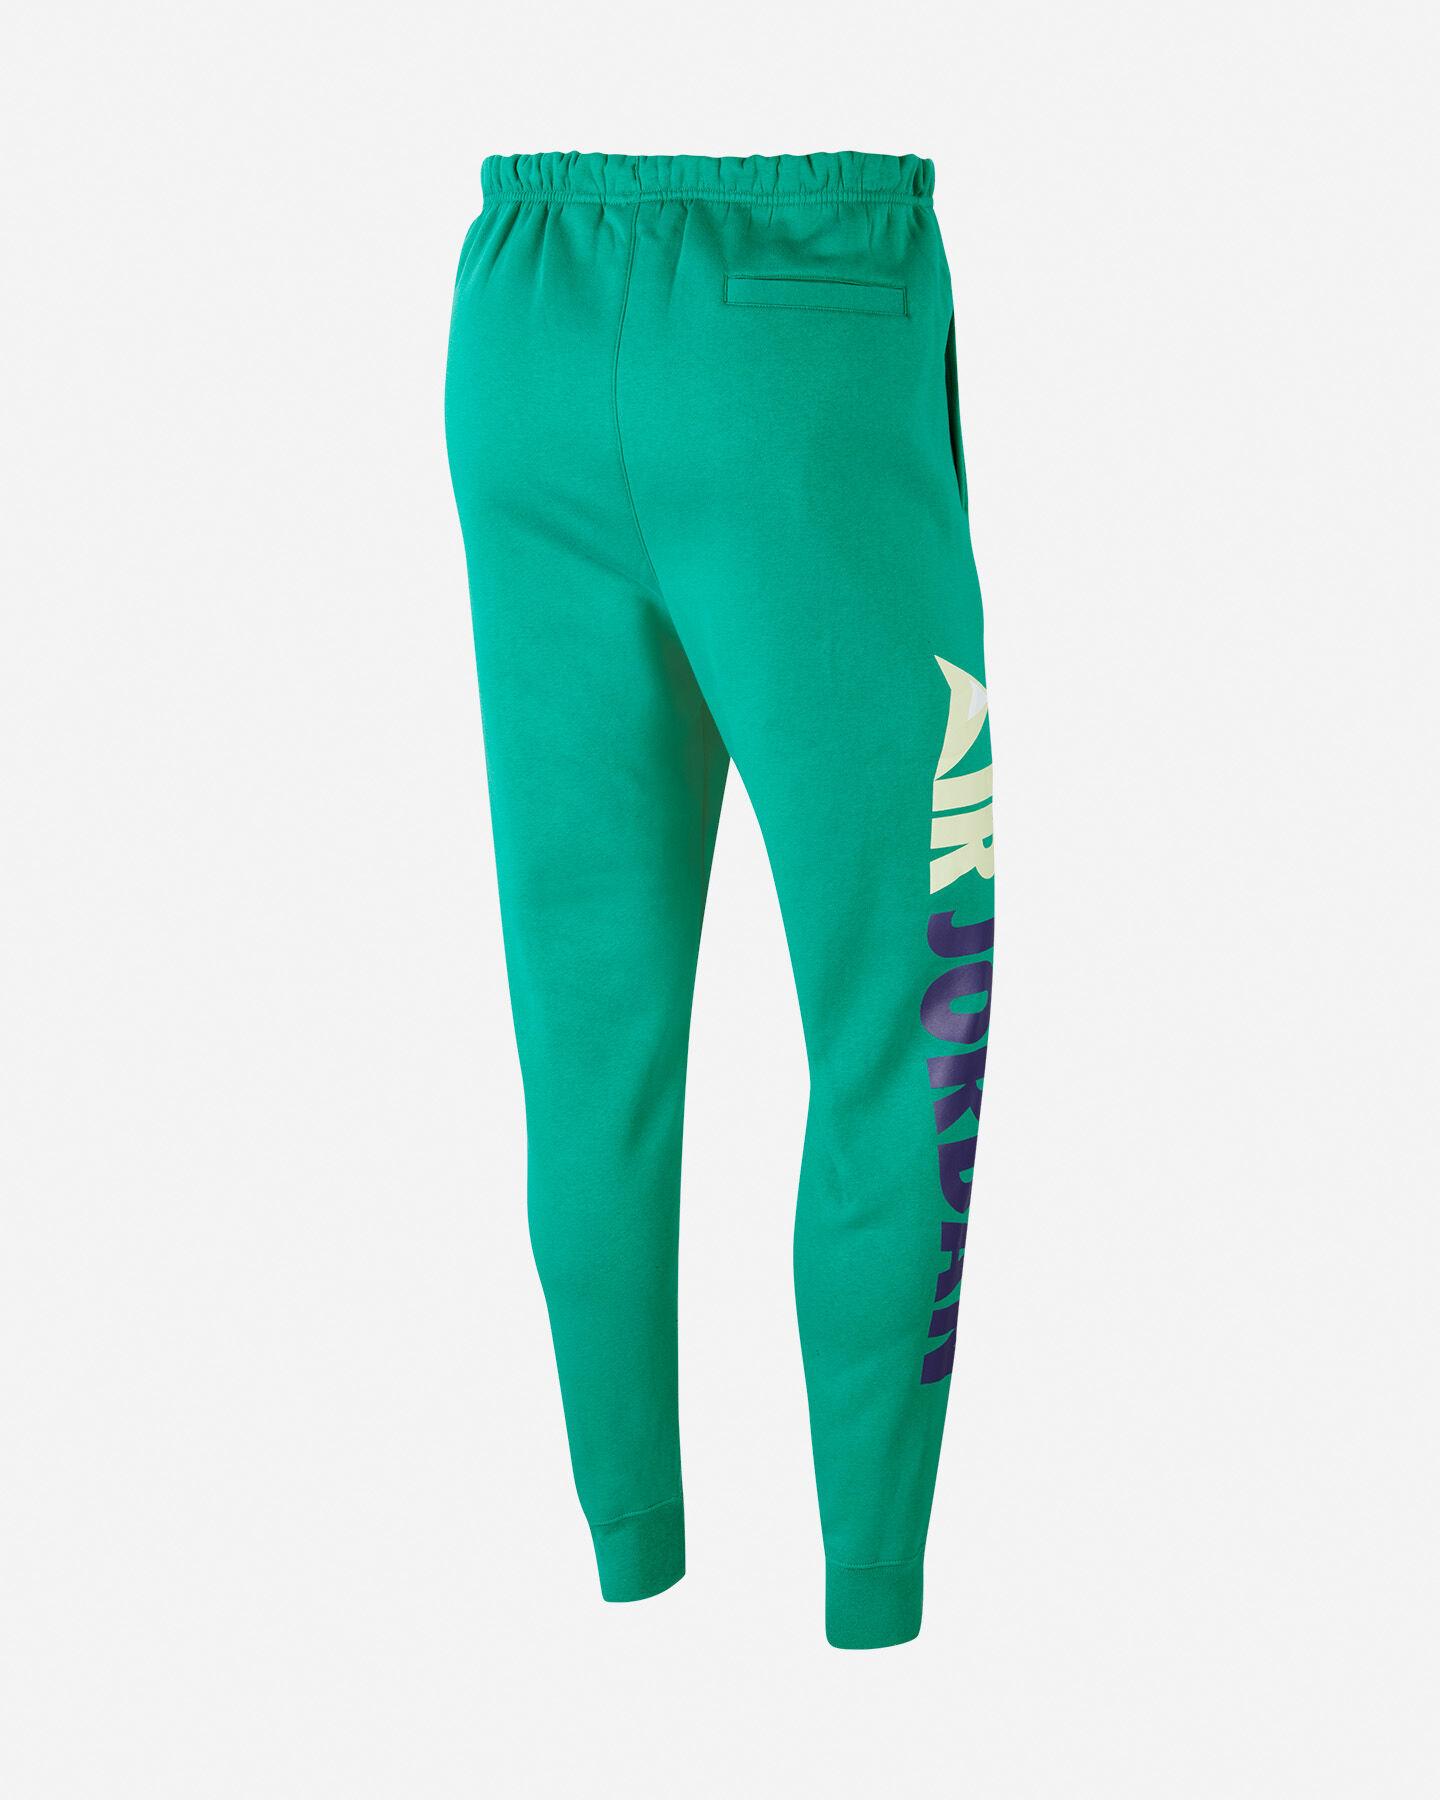 Pantalone NIKE JORDAN MOUNTAIN M S5247231 scatto 1